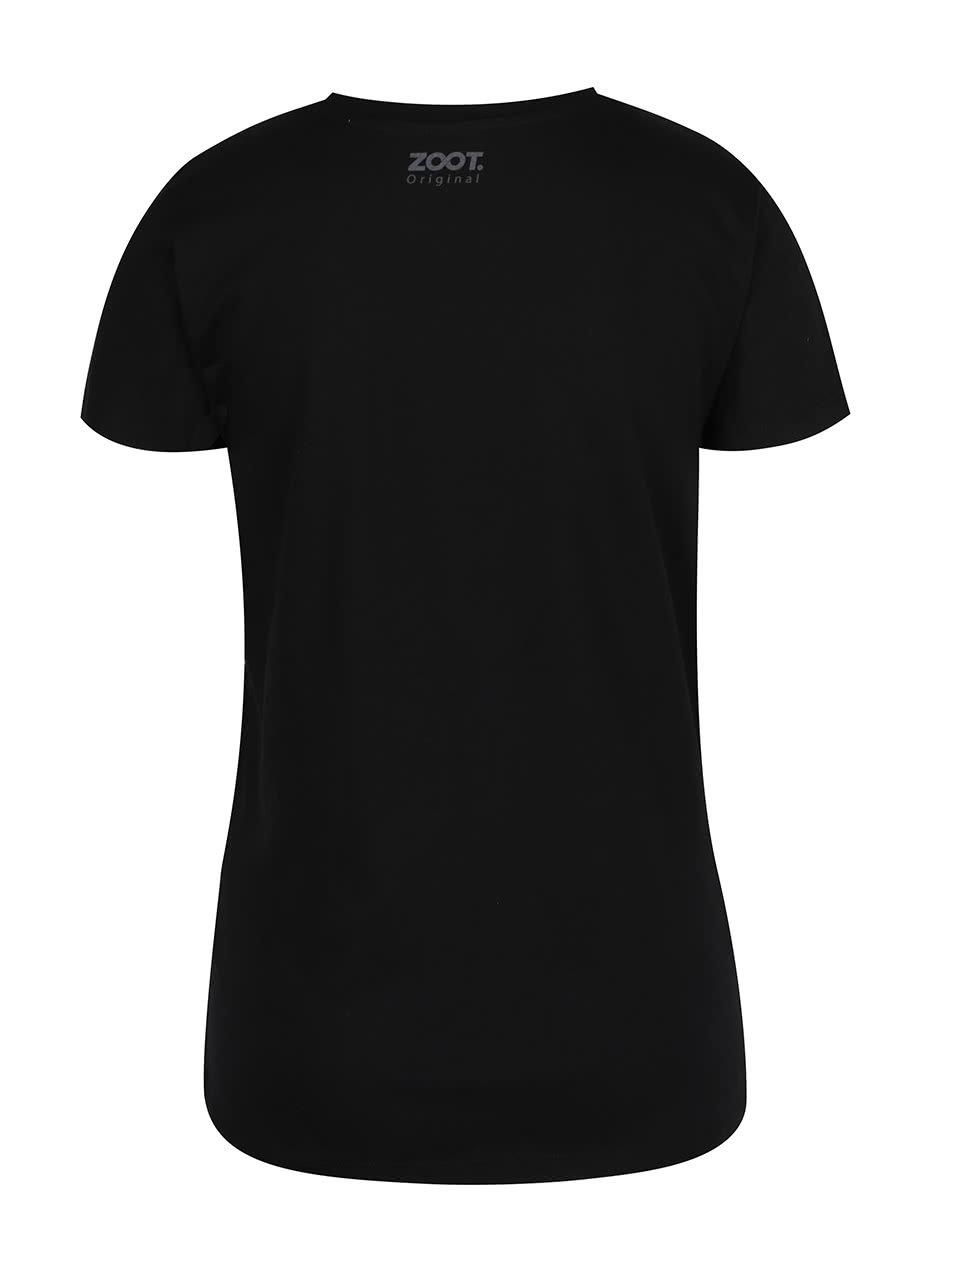 de2d564a1788 Čierne dámske tričko ZOOT Originál Whůů hů ...